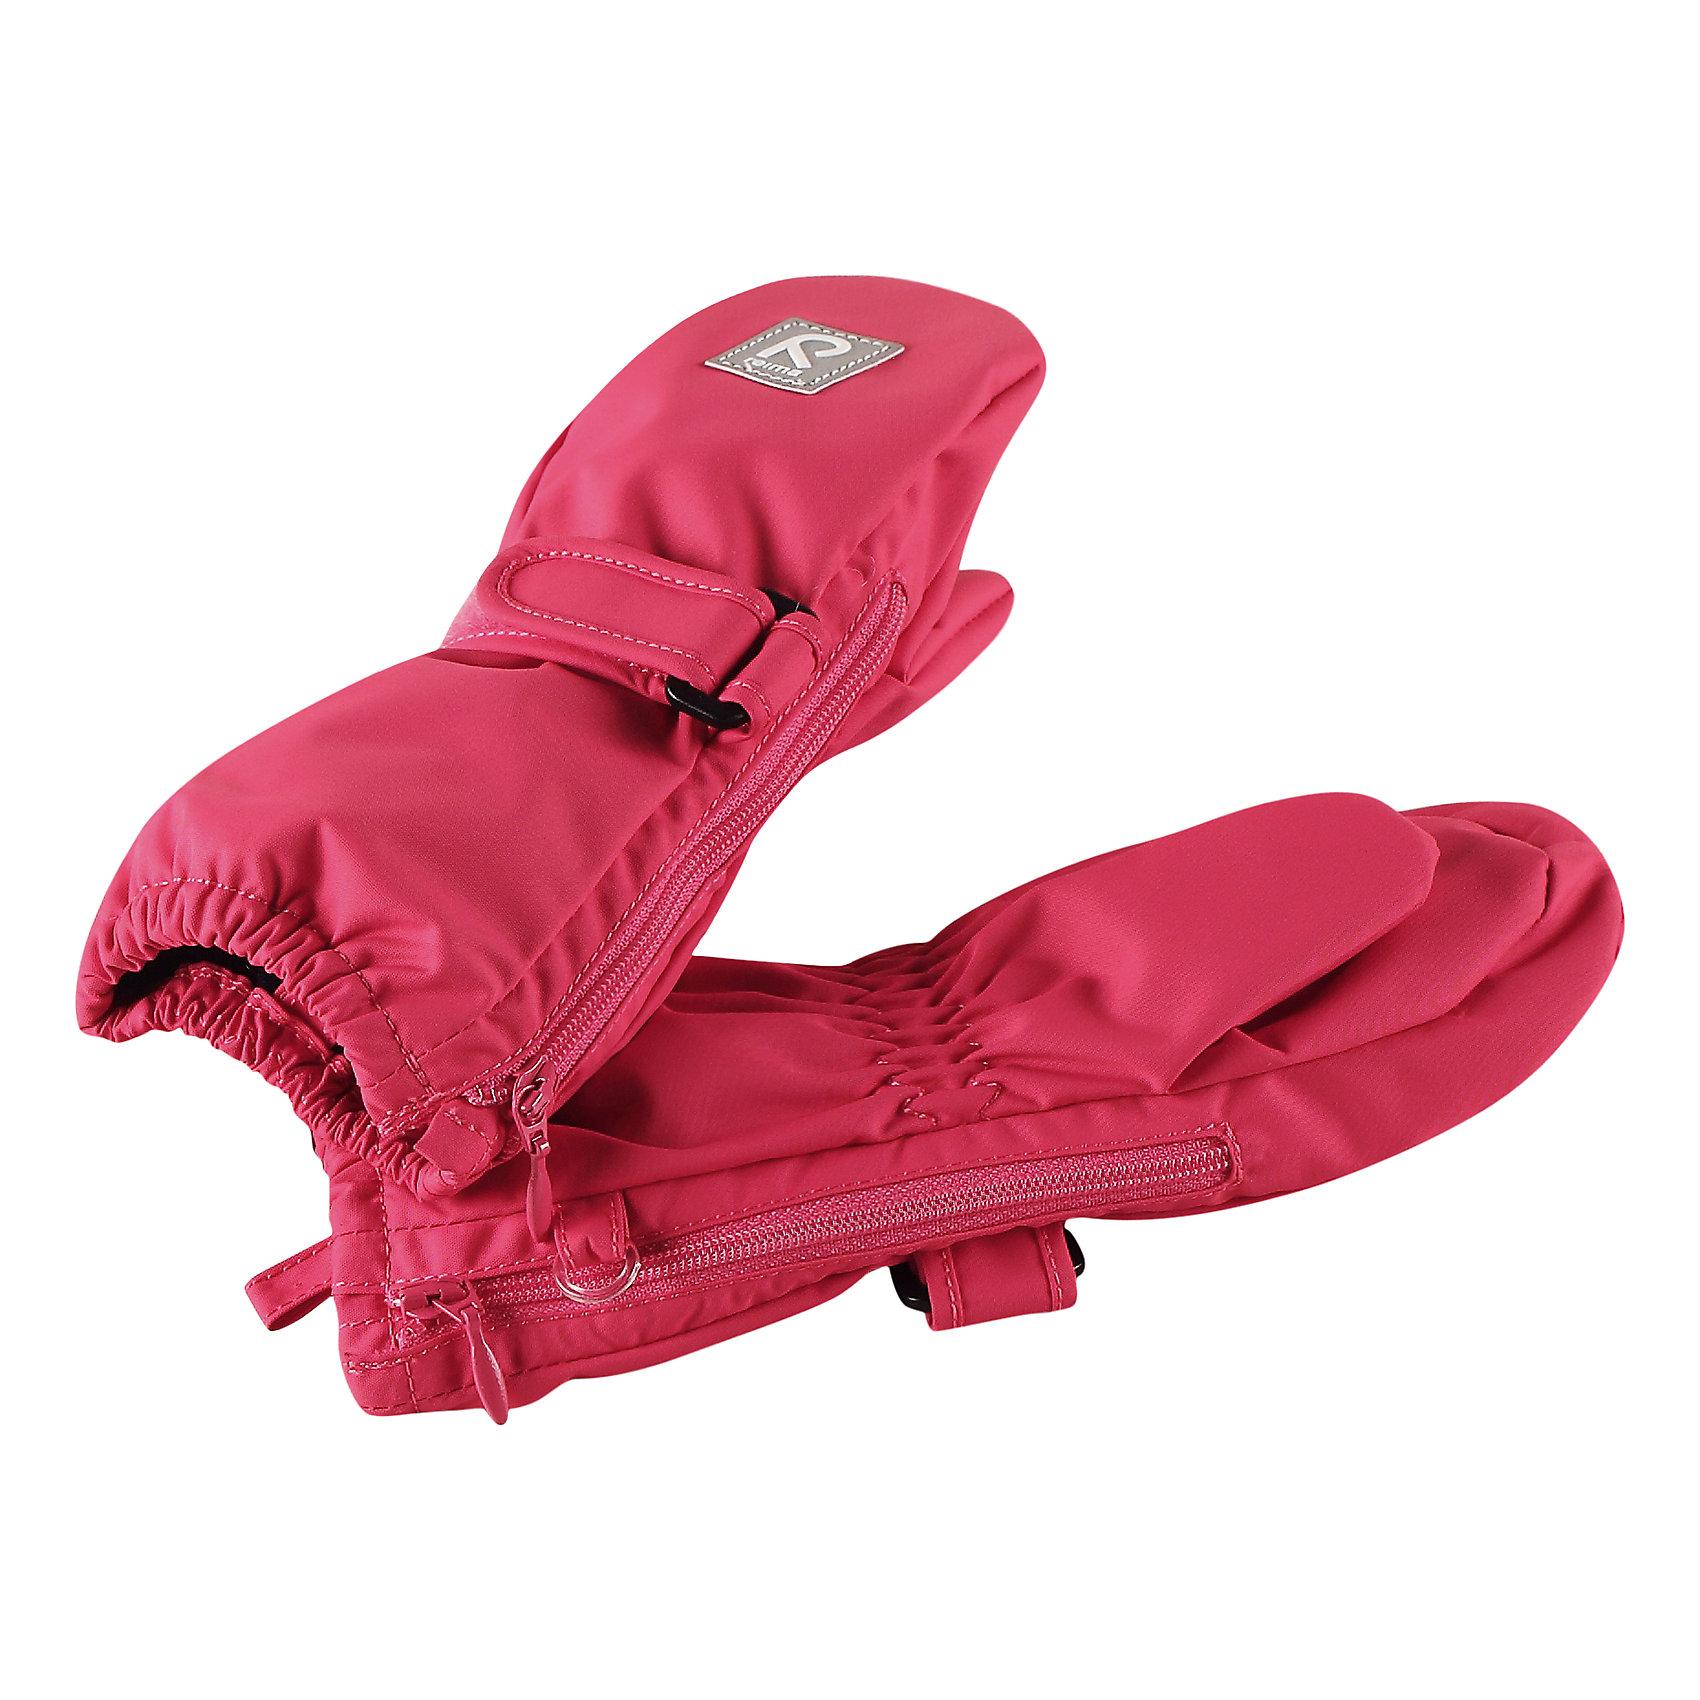 Варежки Poimii для девочки ReimaПерчатки, варежки<br>Характеристики товара:<br><br>• цвет: розовый<br>• состав: 100% полиэстер, полиуретановое покрытие<br>• температурный режим: от 0° до +10°С<br>• водонепроницаемость: 15000 мм<br>• воздухопроницаемость: 5000 мм<br>• износостойкость: 40000 циклов (тест Мартиндейла)<br>• без утеплителя<br>• водонепроницаемый материал без вставки - изделие не является водонепроницаемым<br>• износостойкий материал<br>• ветронепроницаемый, водо- и грязеотталкивающий материал<br>• трикотажная подкладка из полиэстера с начесом<br>• примечание: из-за наличия молнии изделие не является водонепроницаемым<br>• застёжка-липучка спереди, регулирует объем<br>• можно сушить в сушильном шкафу<br>• молния облегчает надевание<br>• эмблема Reima спереди<br>• светоотражающая эмблема спереди<br>• страна производства: Китай<br>• страна бренда: Финляндия<br>• коллекция: весна-лето 2017<br><br>Reima представляет новые варежки для детей. Они помогут обеспечить ребенку комфорт и дополнить наряд. Варежки отлично смотрятся с различной одеждой. Изделия удобно сидят и модно выглядят, в их основе - водо- и ветронепроницаемый грязеотталкивающий материал. Просты в уходе, долго служат. Стильный дизайн разрабатывался специально для детей.<br><br>Одежда и обувь от финского бренда Reima пользуется популярностью во многих странах. Эти изделия стильные, качественные и удобные. Для производства продукции используются только безопасные, проверенные материалы и фурнитура. Порадуйте ребенка модными и красивыми вещами от Reima! <br><br>Варежки для мальчика от финского бренда Reima (Рейма) можно купить в нашем интернет-магазине.<br><br>Ширина мм: 162<br>Глубина мм: 171<br>Высота мм: 55<br>Вес г: 119<br>Цвет: розовый<br>Возраст от месяцев: 0<br>Возраст до месяцев: 12<br>Пол: Женский<br>Возраст: Детский<br>Размер: 0,2,1<br>SKU: 5271152